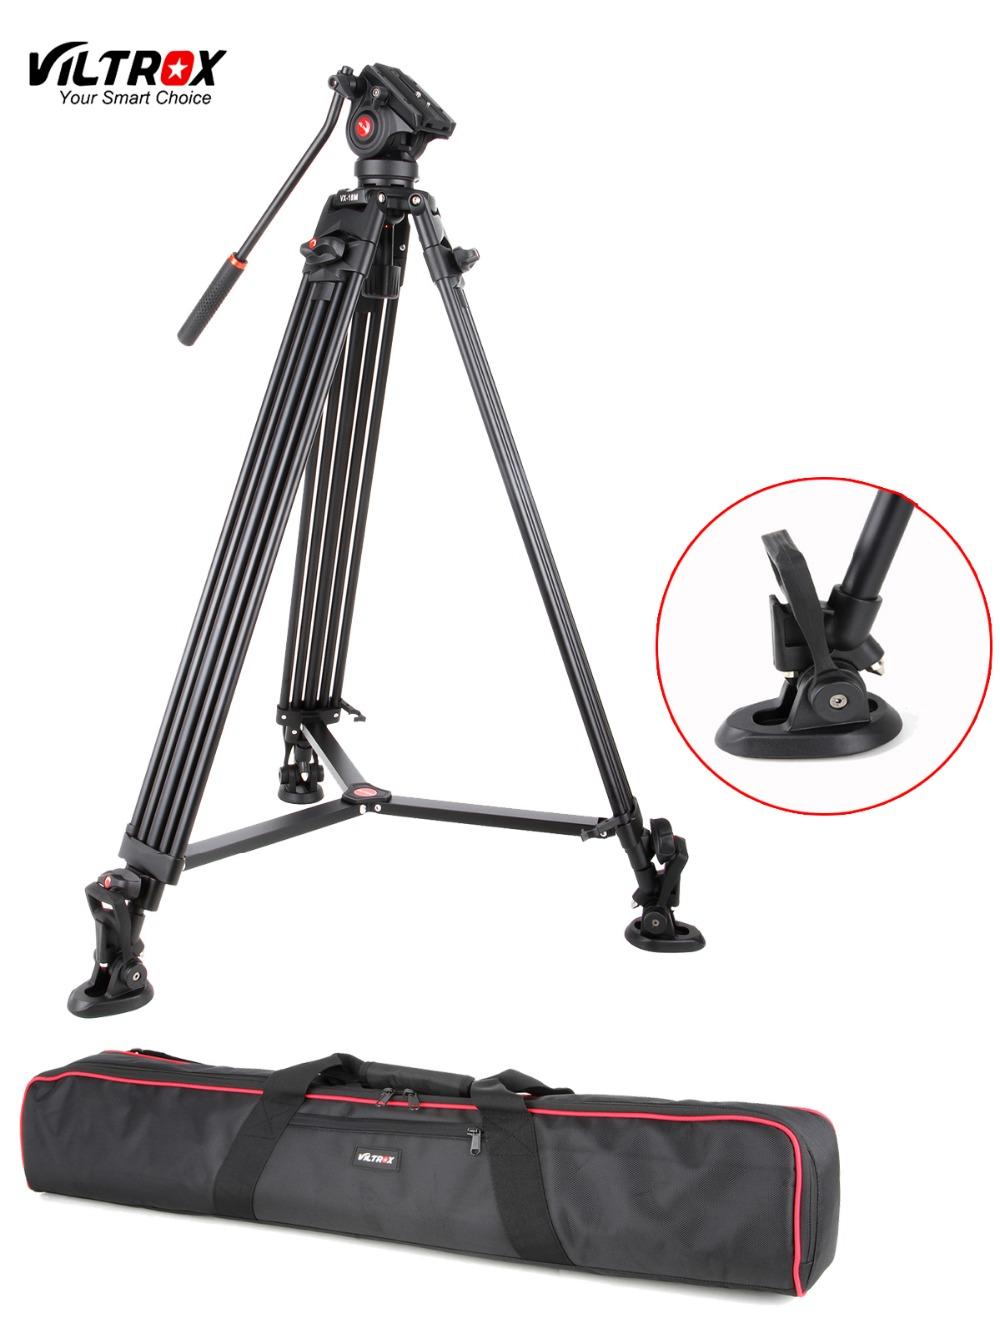 Prix pour 1.8 M Viltrox VX-18M Pro Heay Duty Aluminium Vidéo Trépied + Fluide Pan Tête + Sac De Transport pour Caméra DV DSLR Très Stable